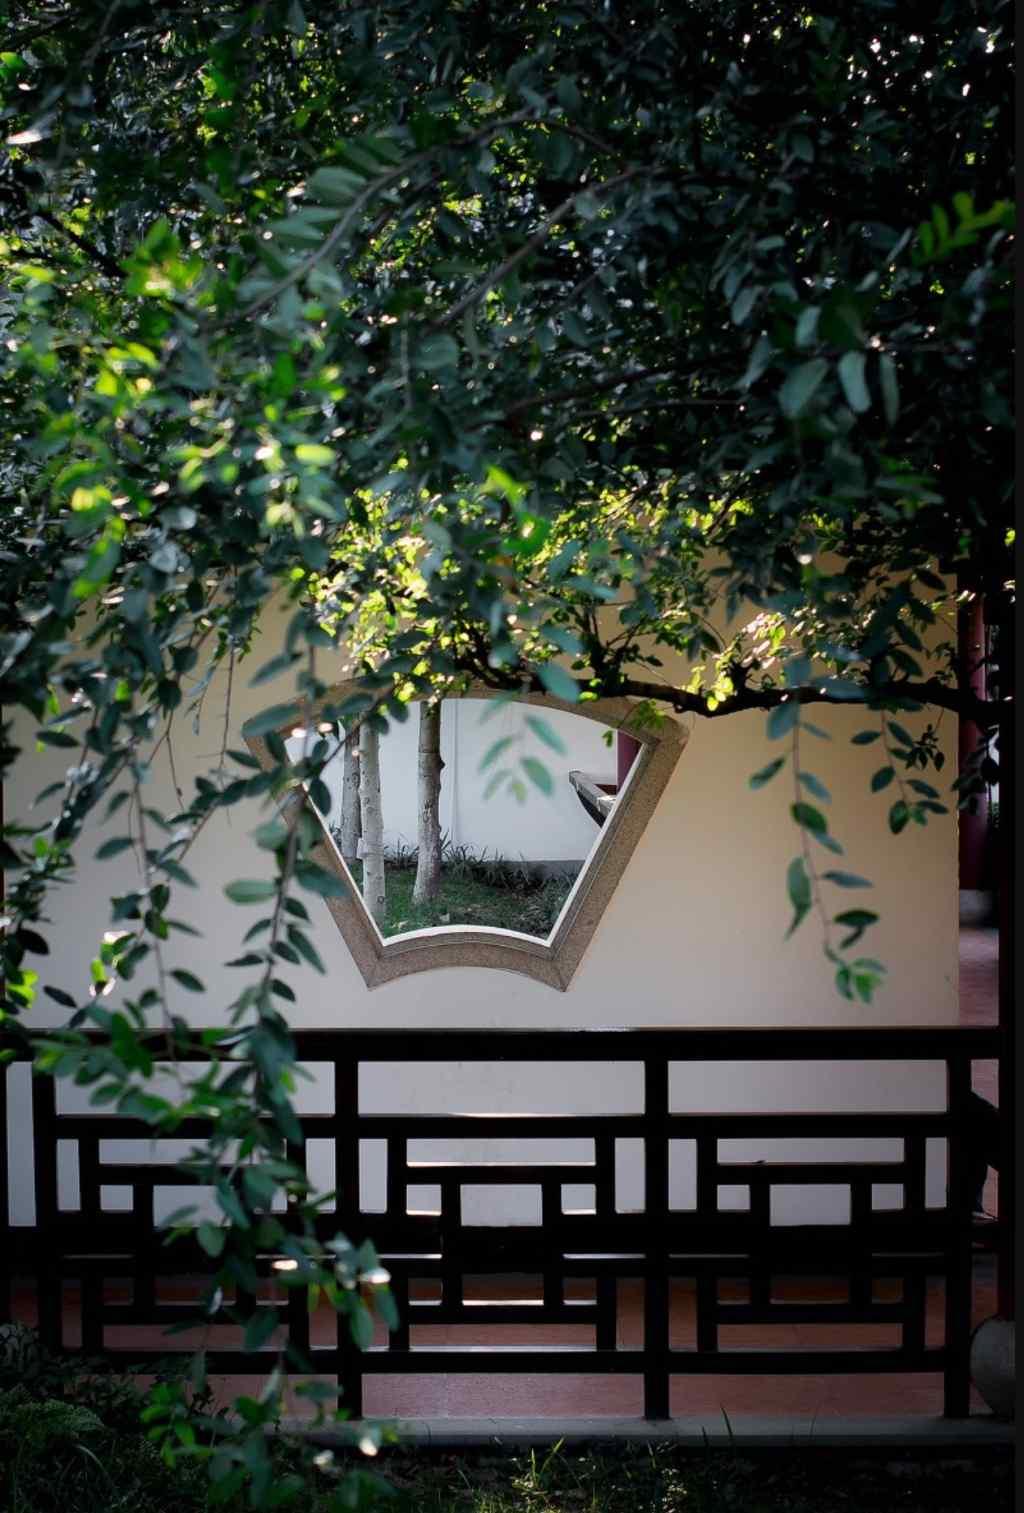 小清新园林风景手机图片